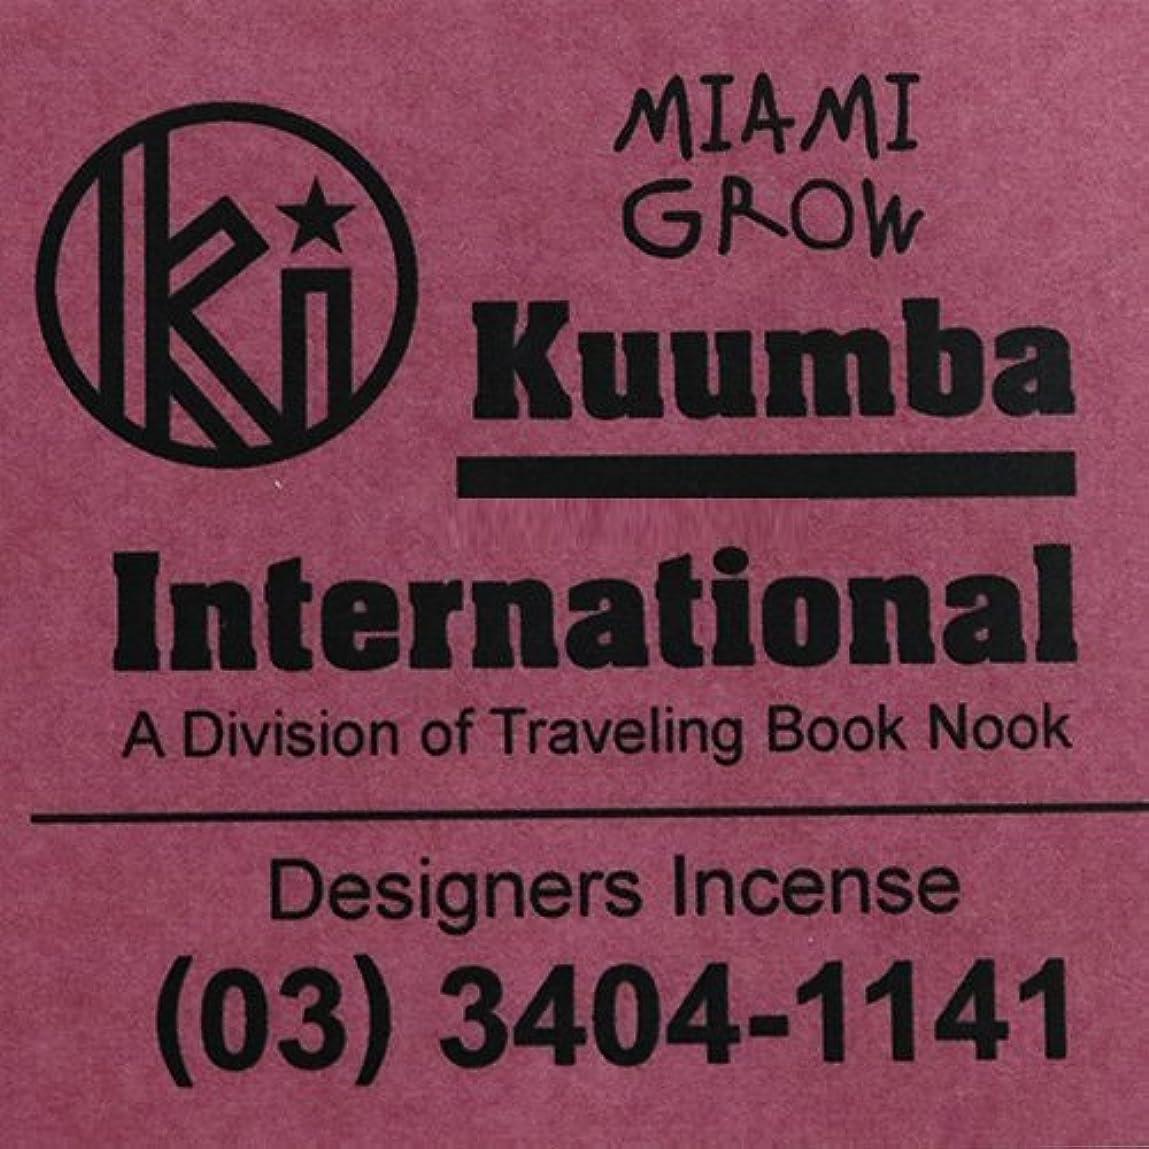 加害者縮約感謝している(クンバ) KUUMBA『incense』(MIAMI GROW) (Regular size)